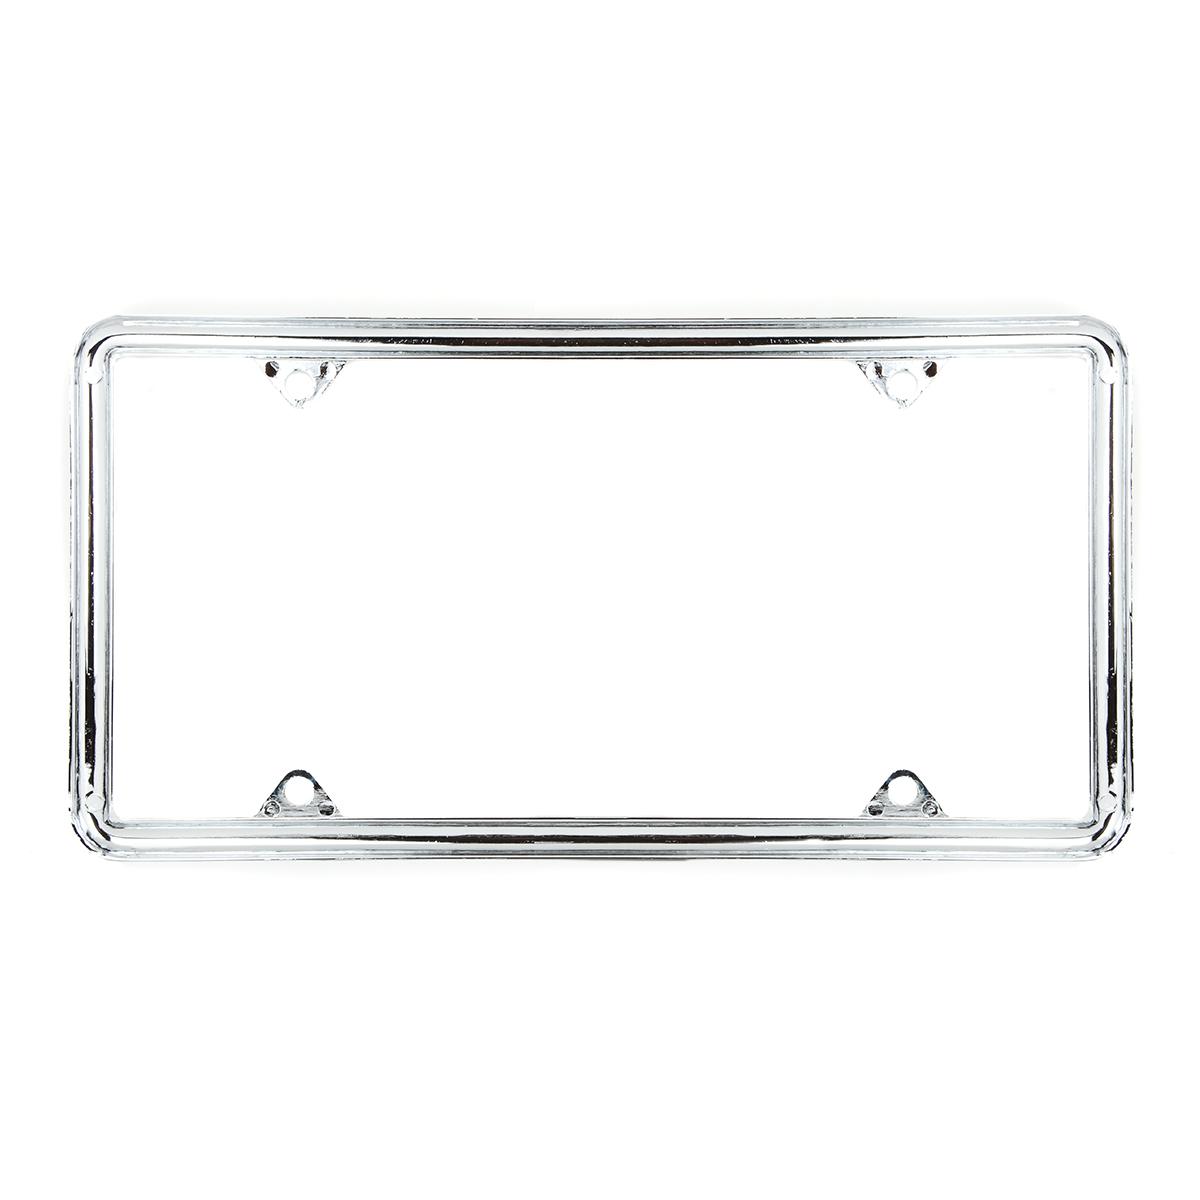 60061 Economic Chrome Zinc Classic 4-Hole License Plate Frames - Back View